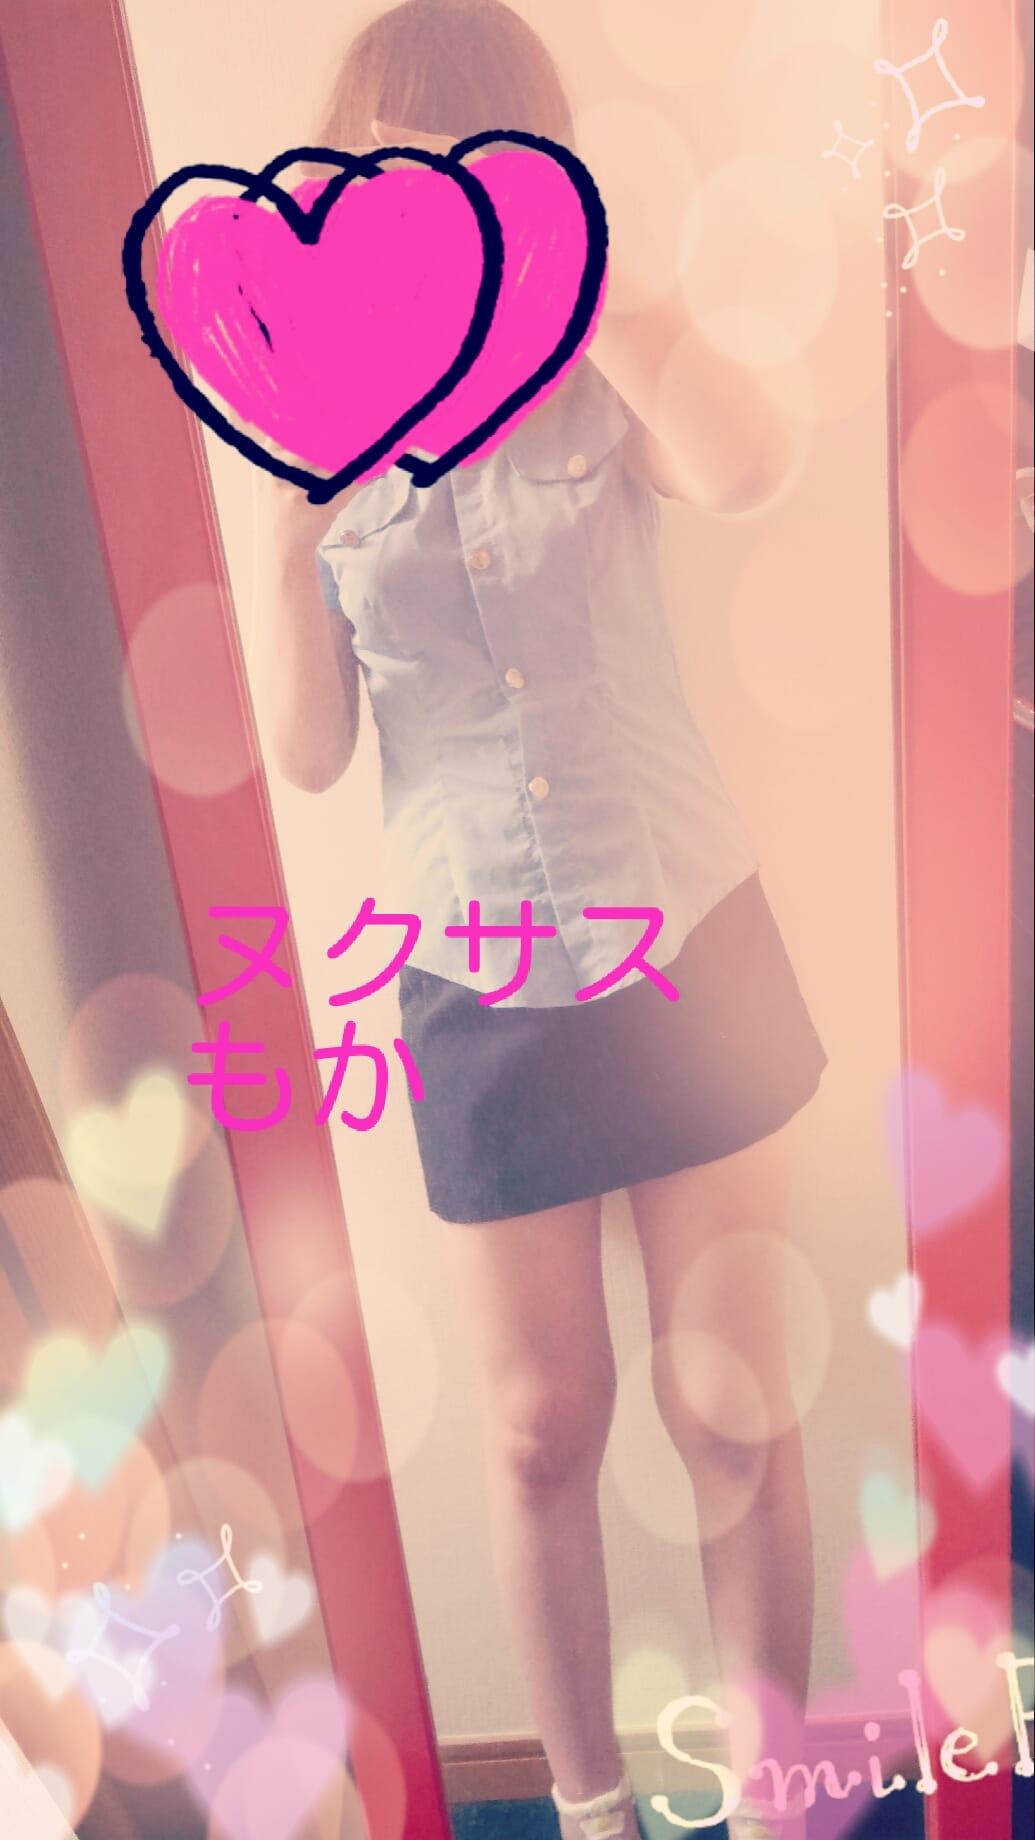 「一日お疲れ様」07/07(金) 23:17 | もかちゃんの写メ・風俗動画